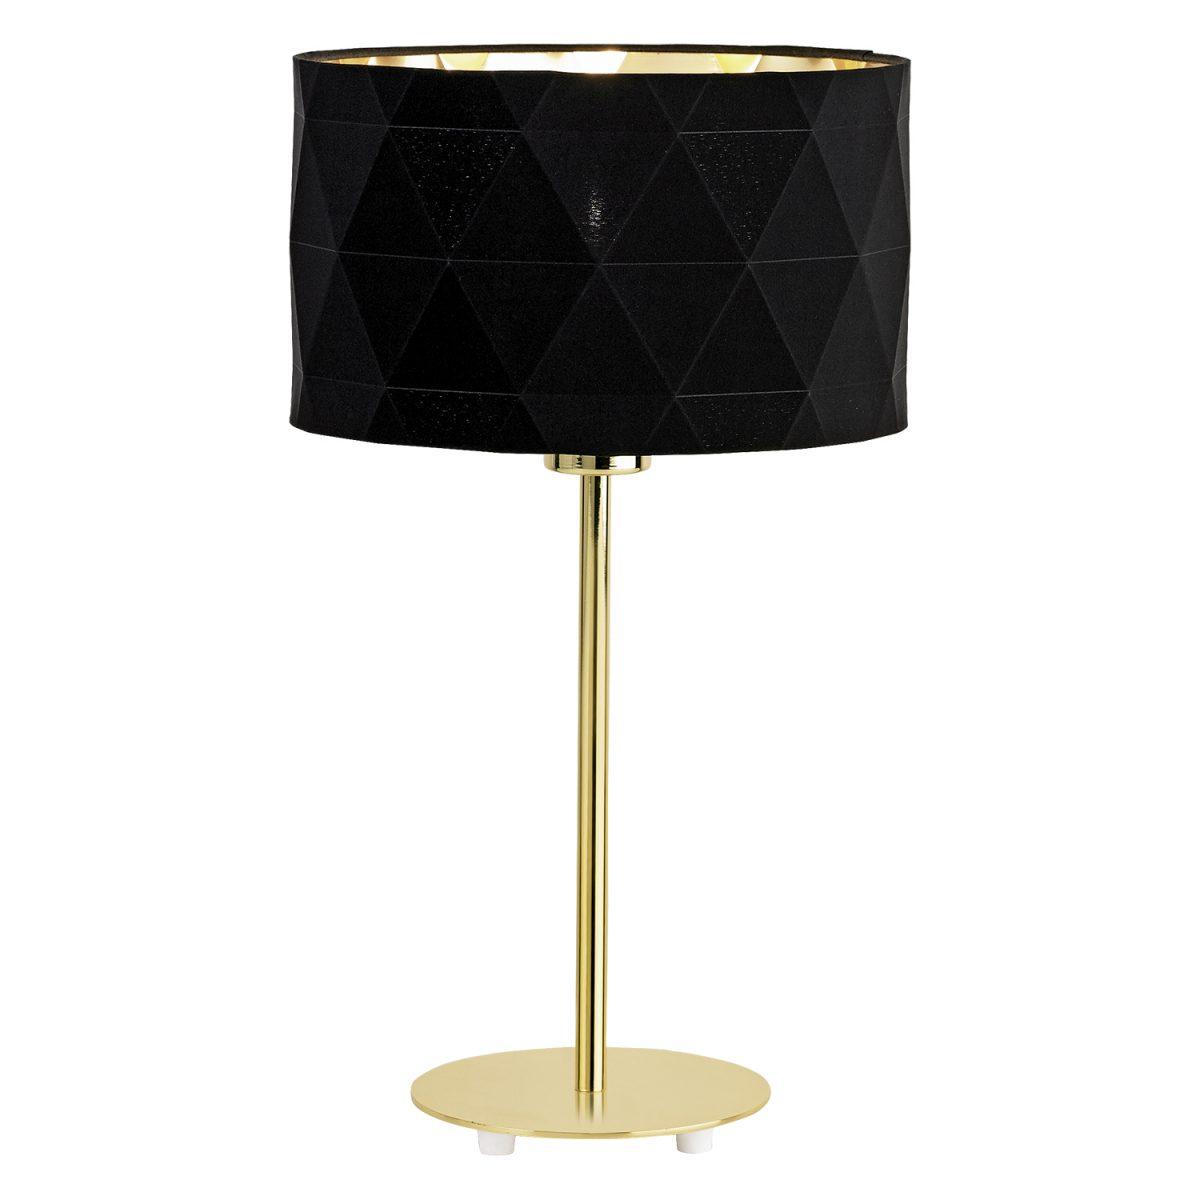 Настільна лампа DOLORITA EGLO 39227 - Фото №28